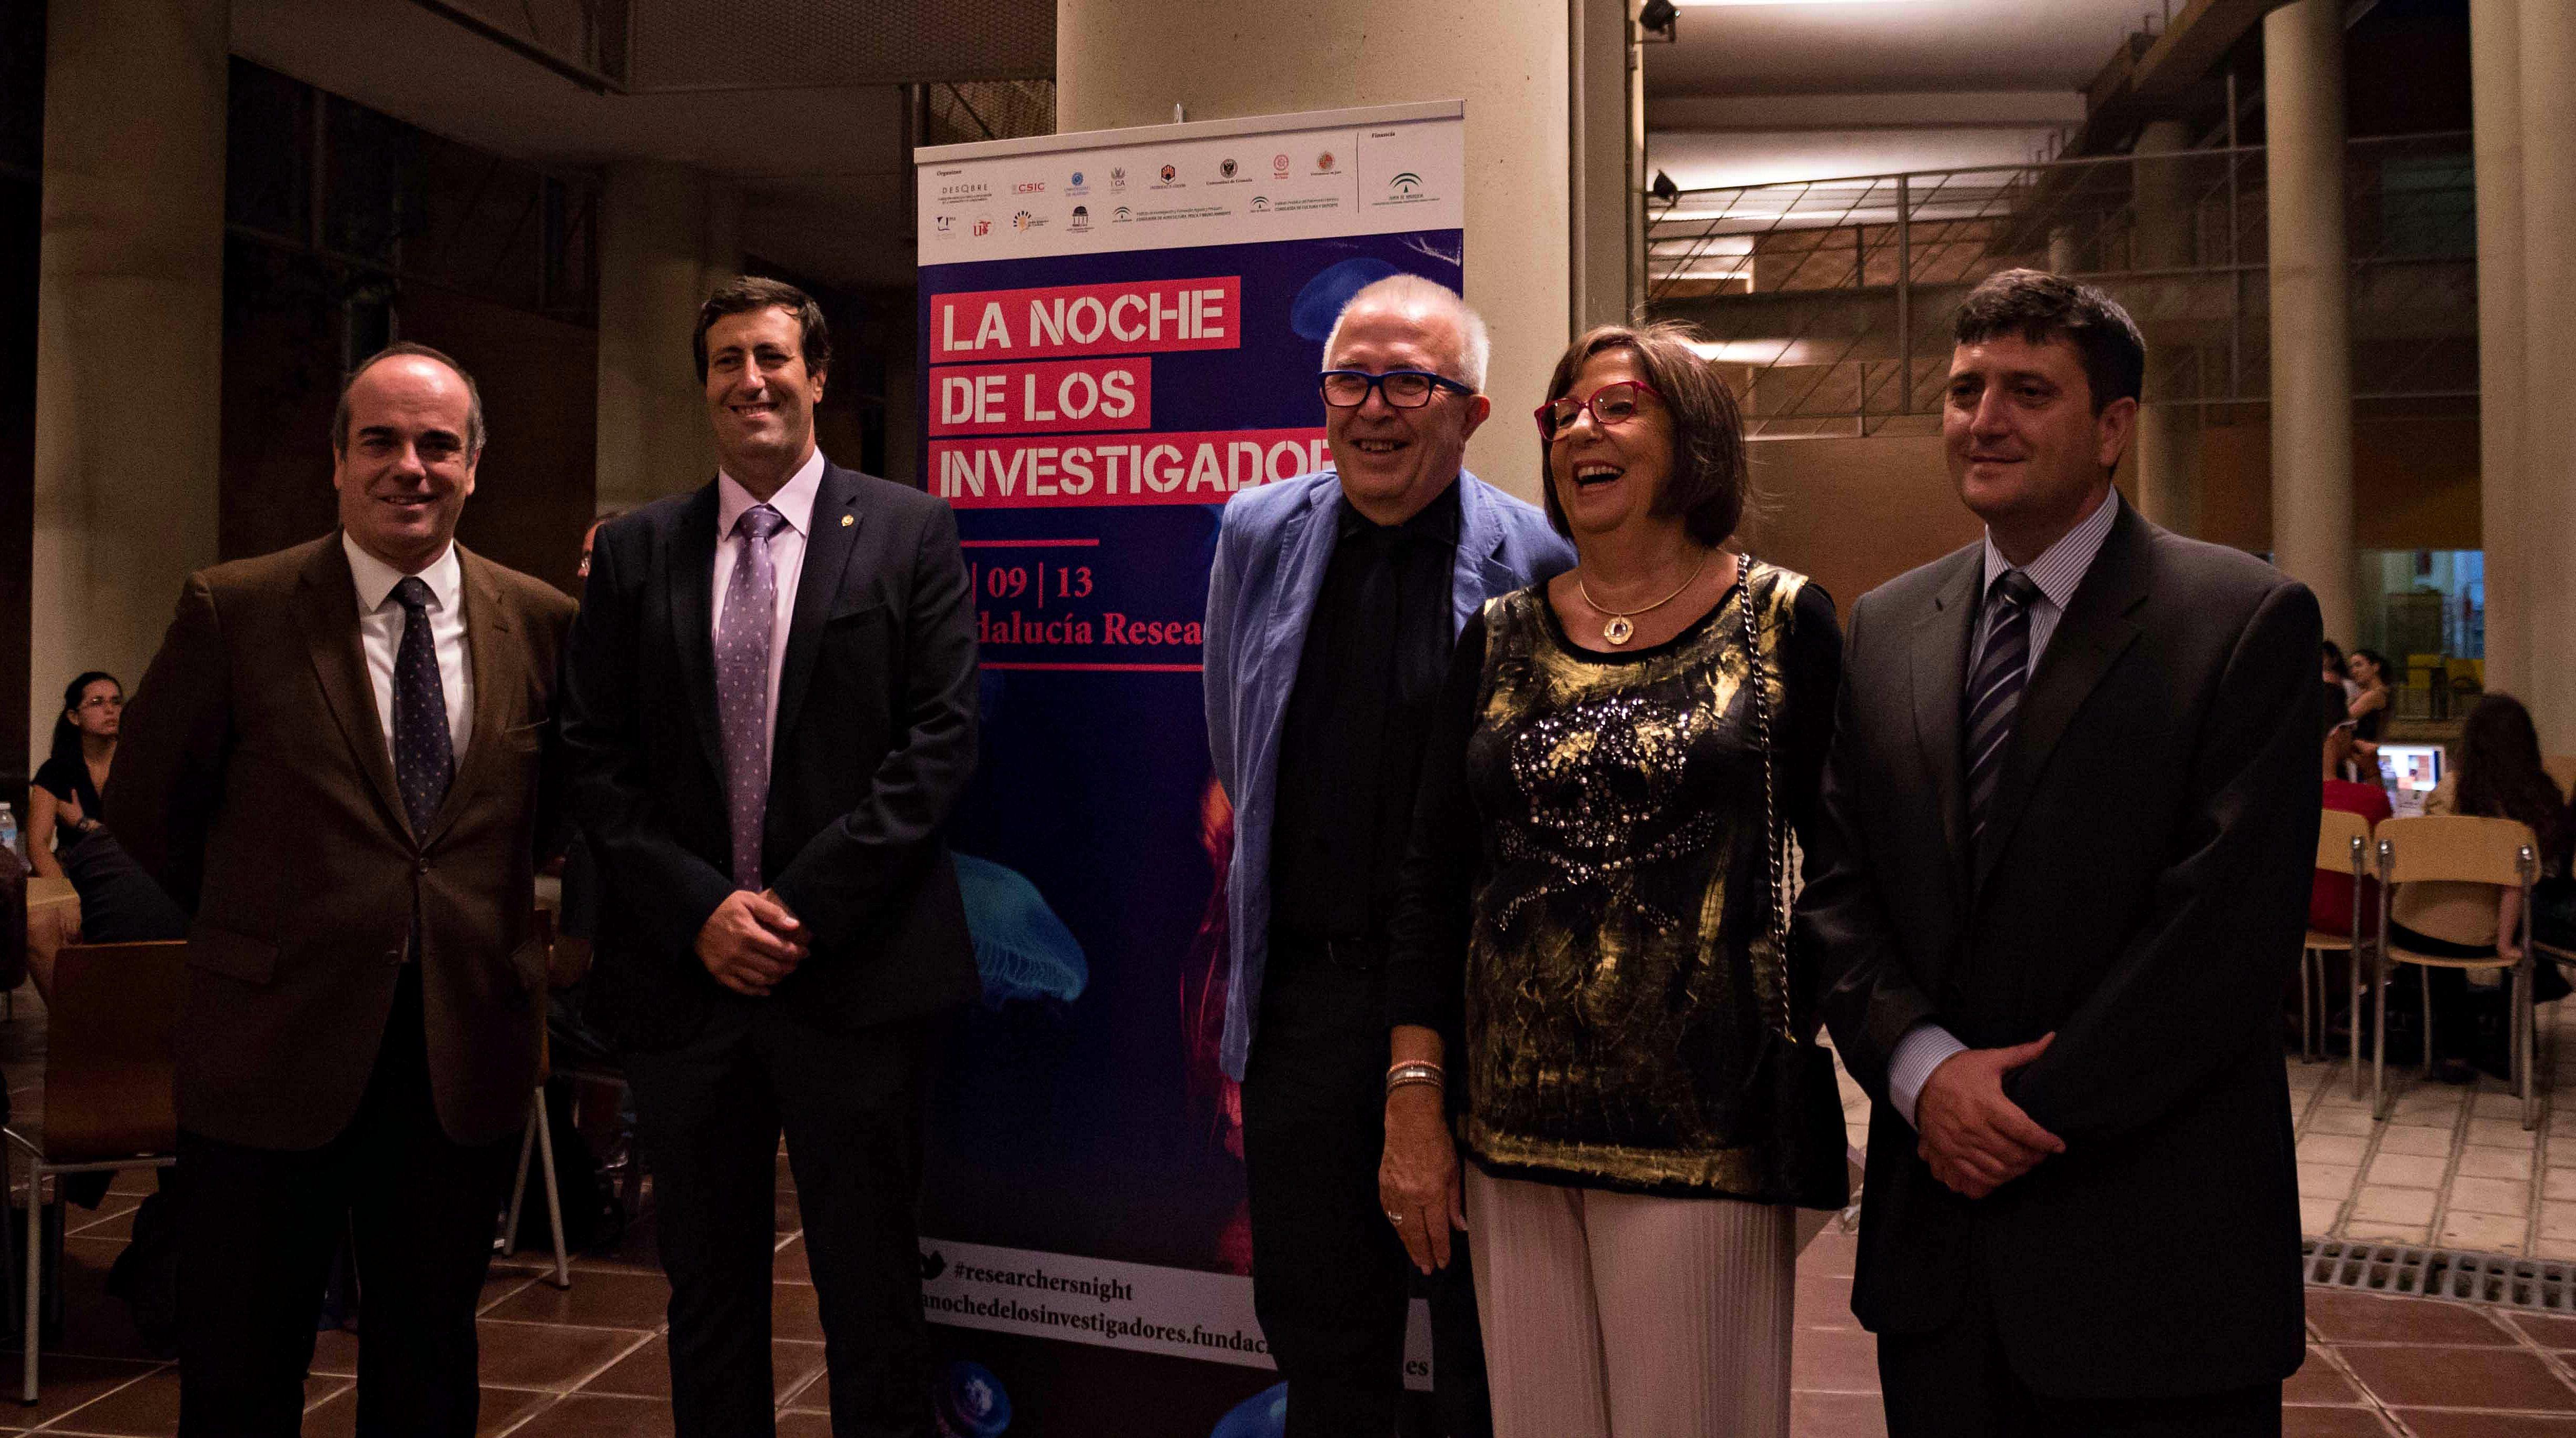 Noche de los Investigadores6